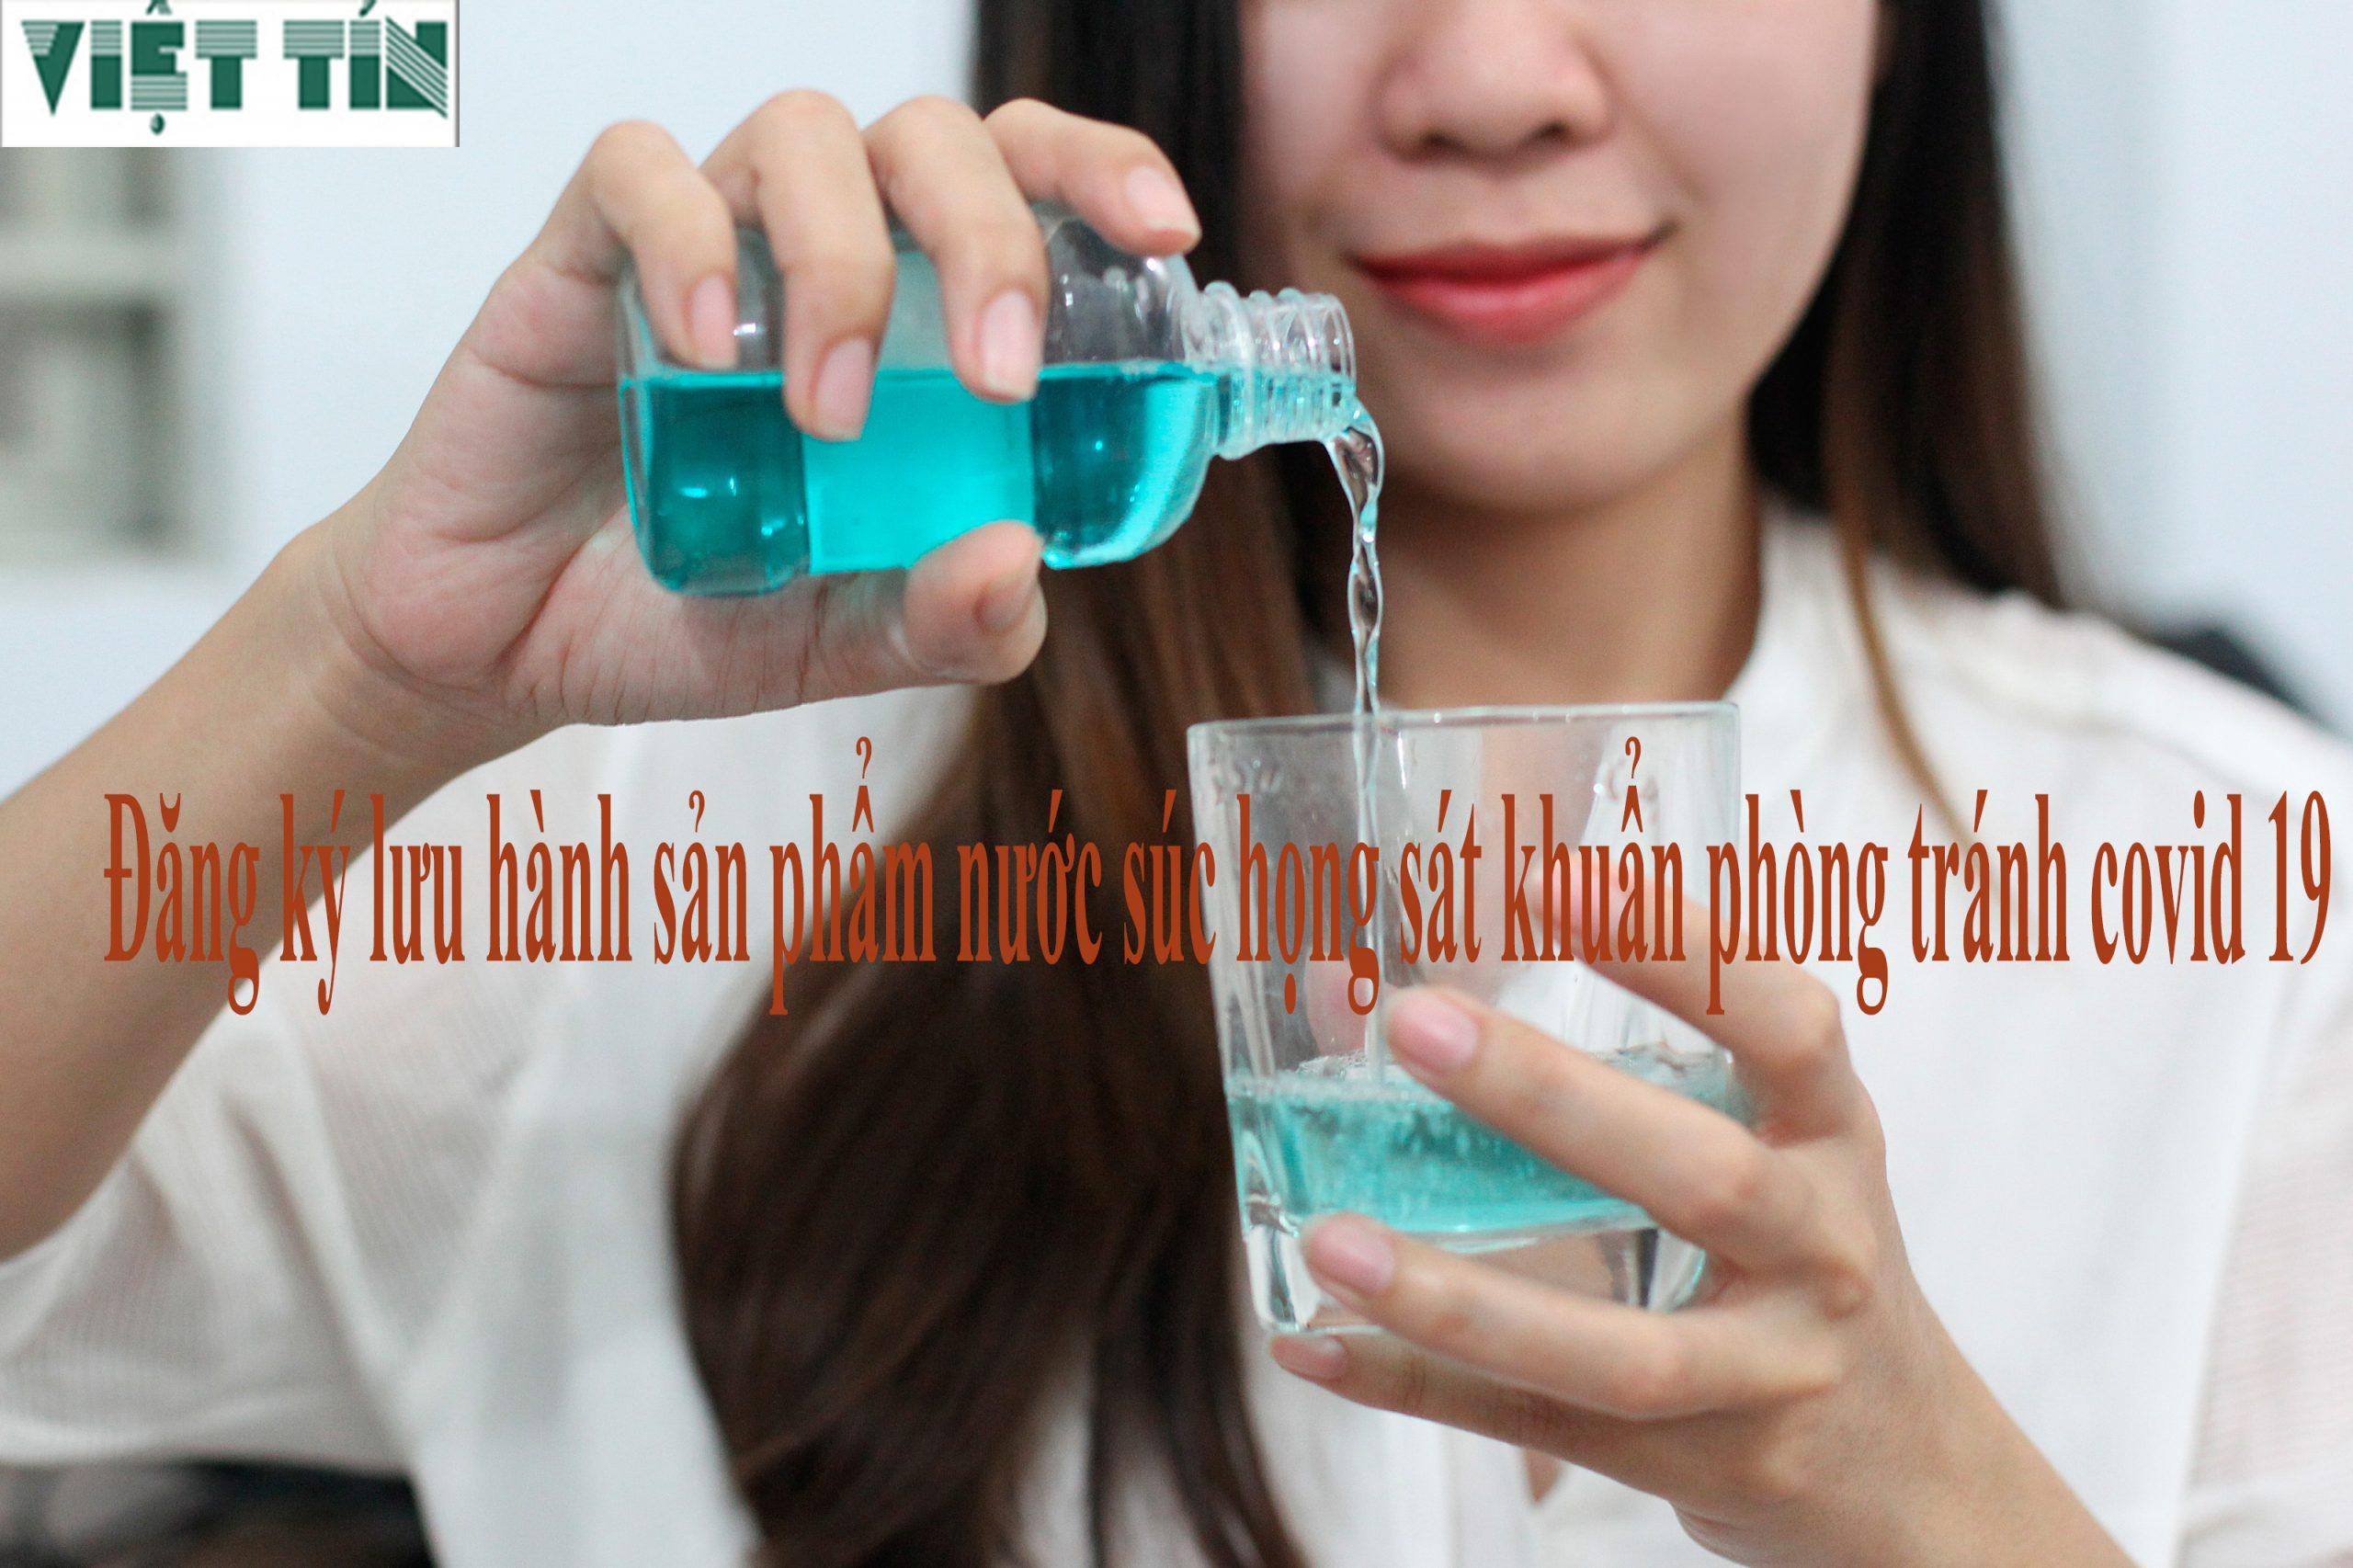 Đăng ký lưu hành sản phẩm nước súc họng sát khuẩn phòng tránh covid 19